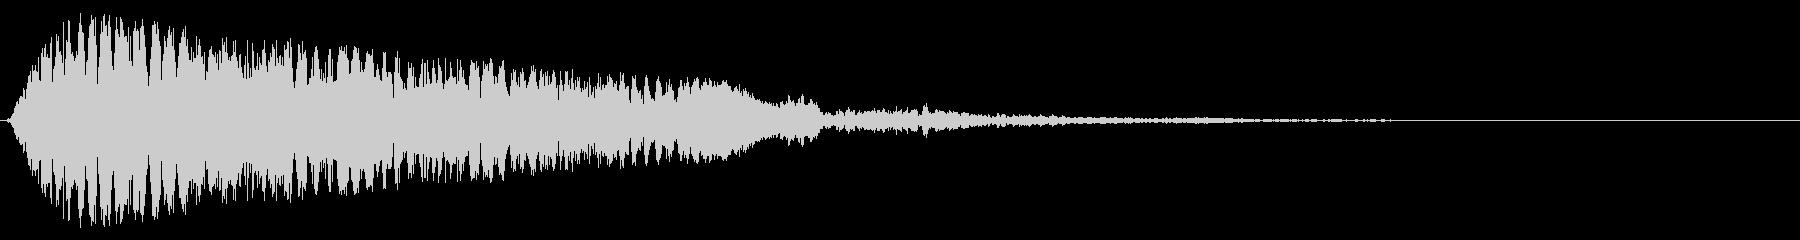 プワプワプワ(サイレンのような効果音)の未再生の波形